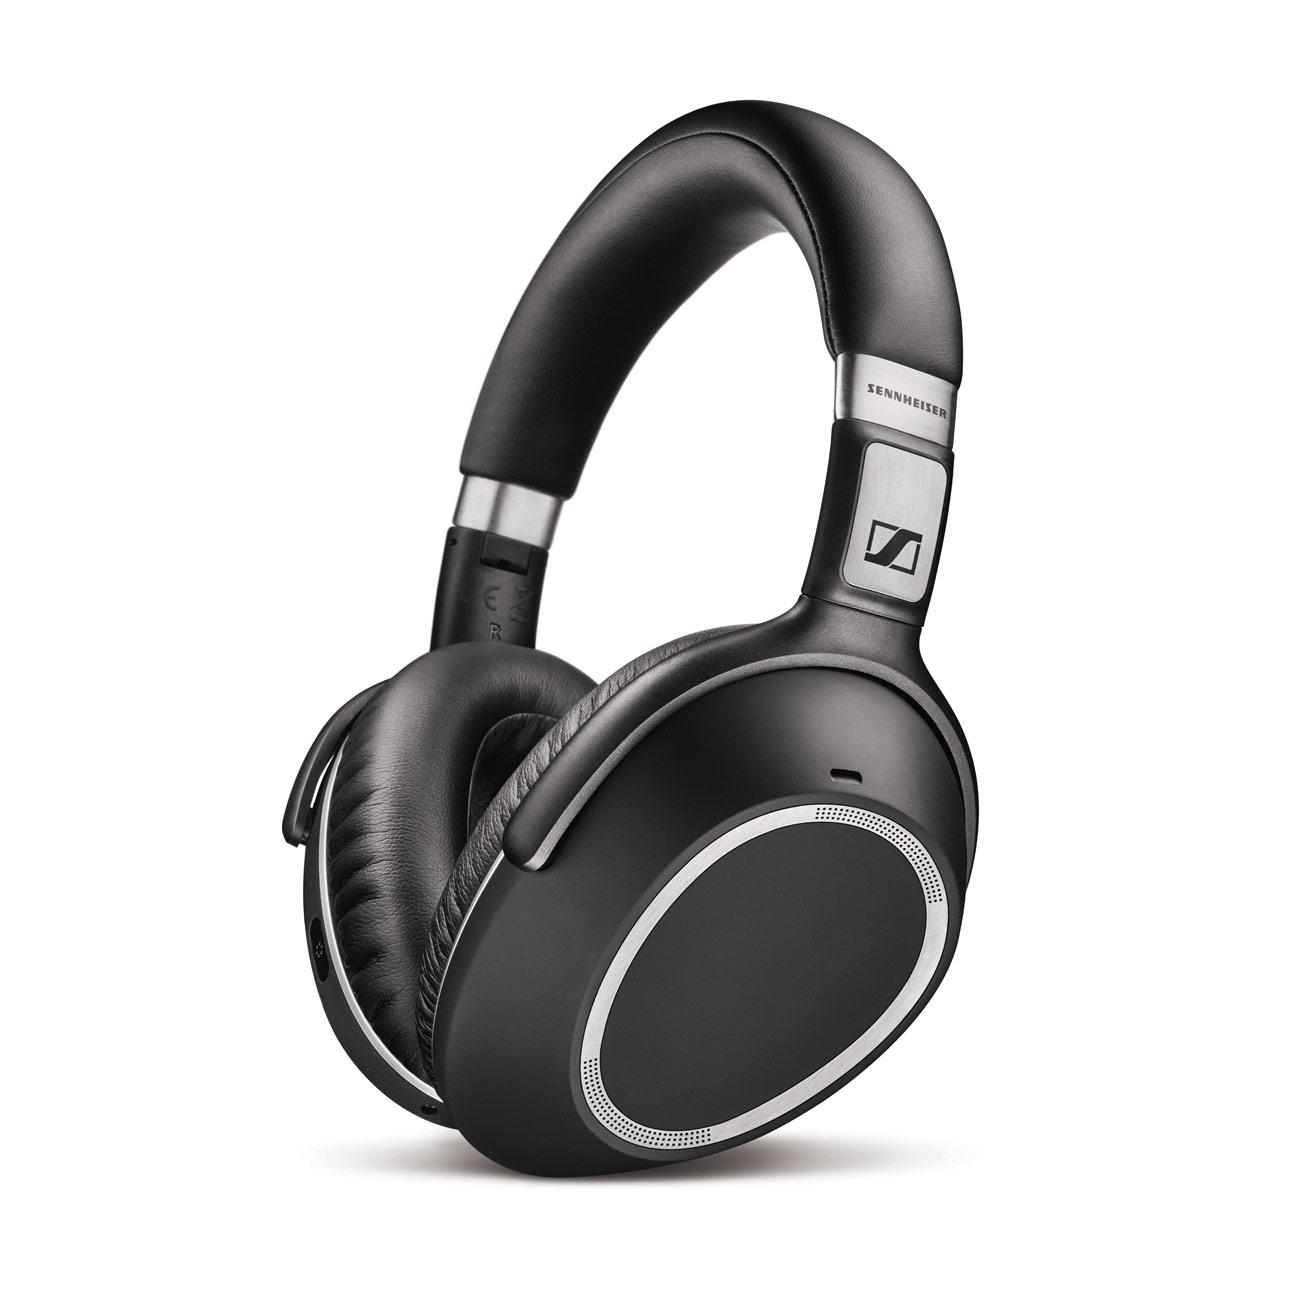 Casque Audio sans fil avec réduction de bruit active Sennheiser PXC 550 Wireless - Bluetooth (Reconditionné)